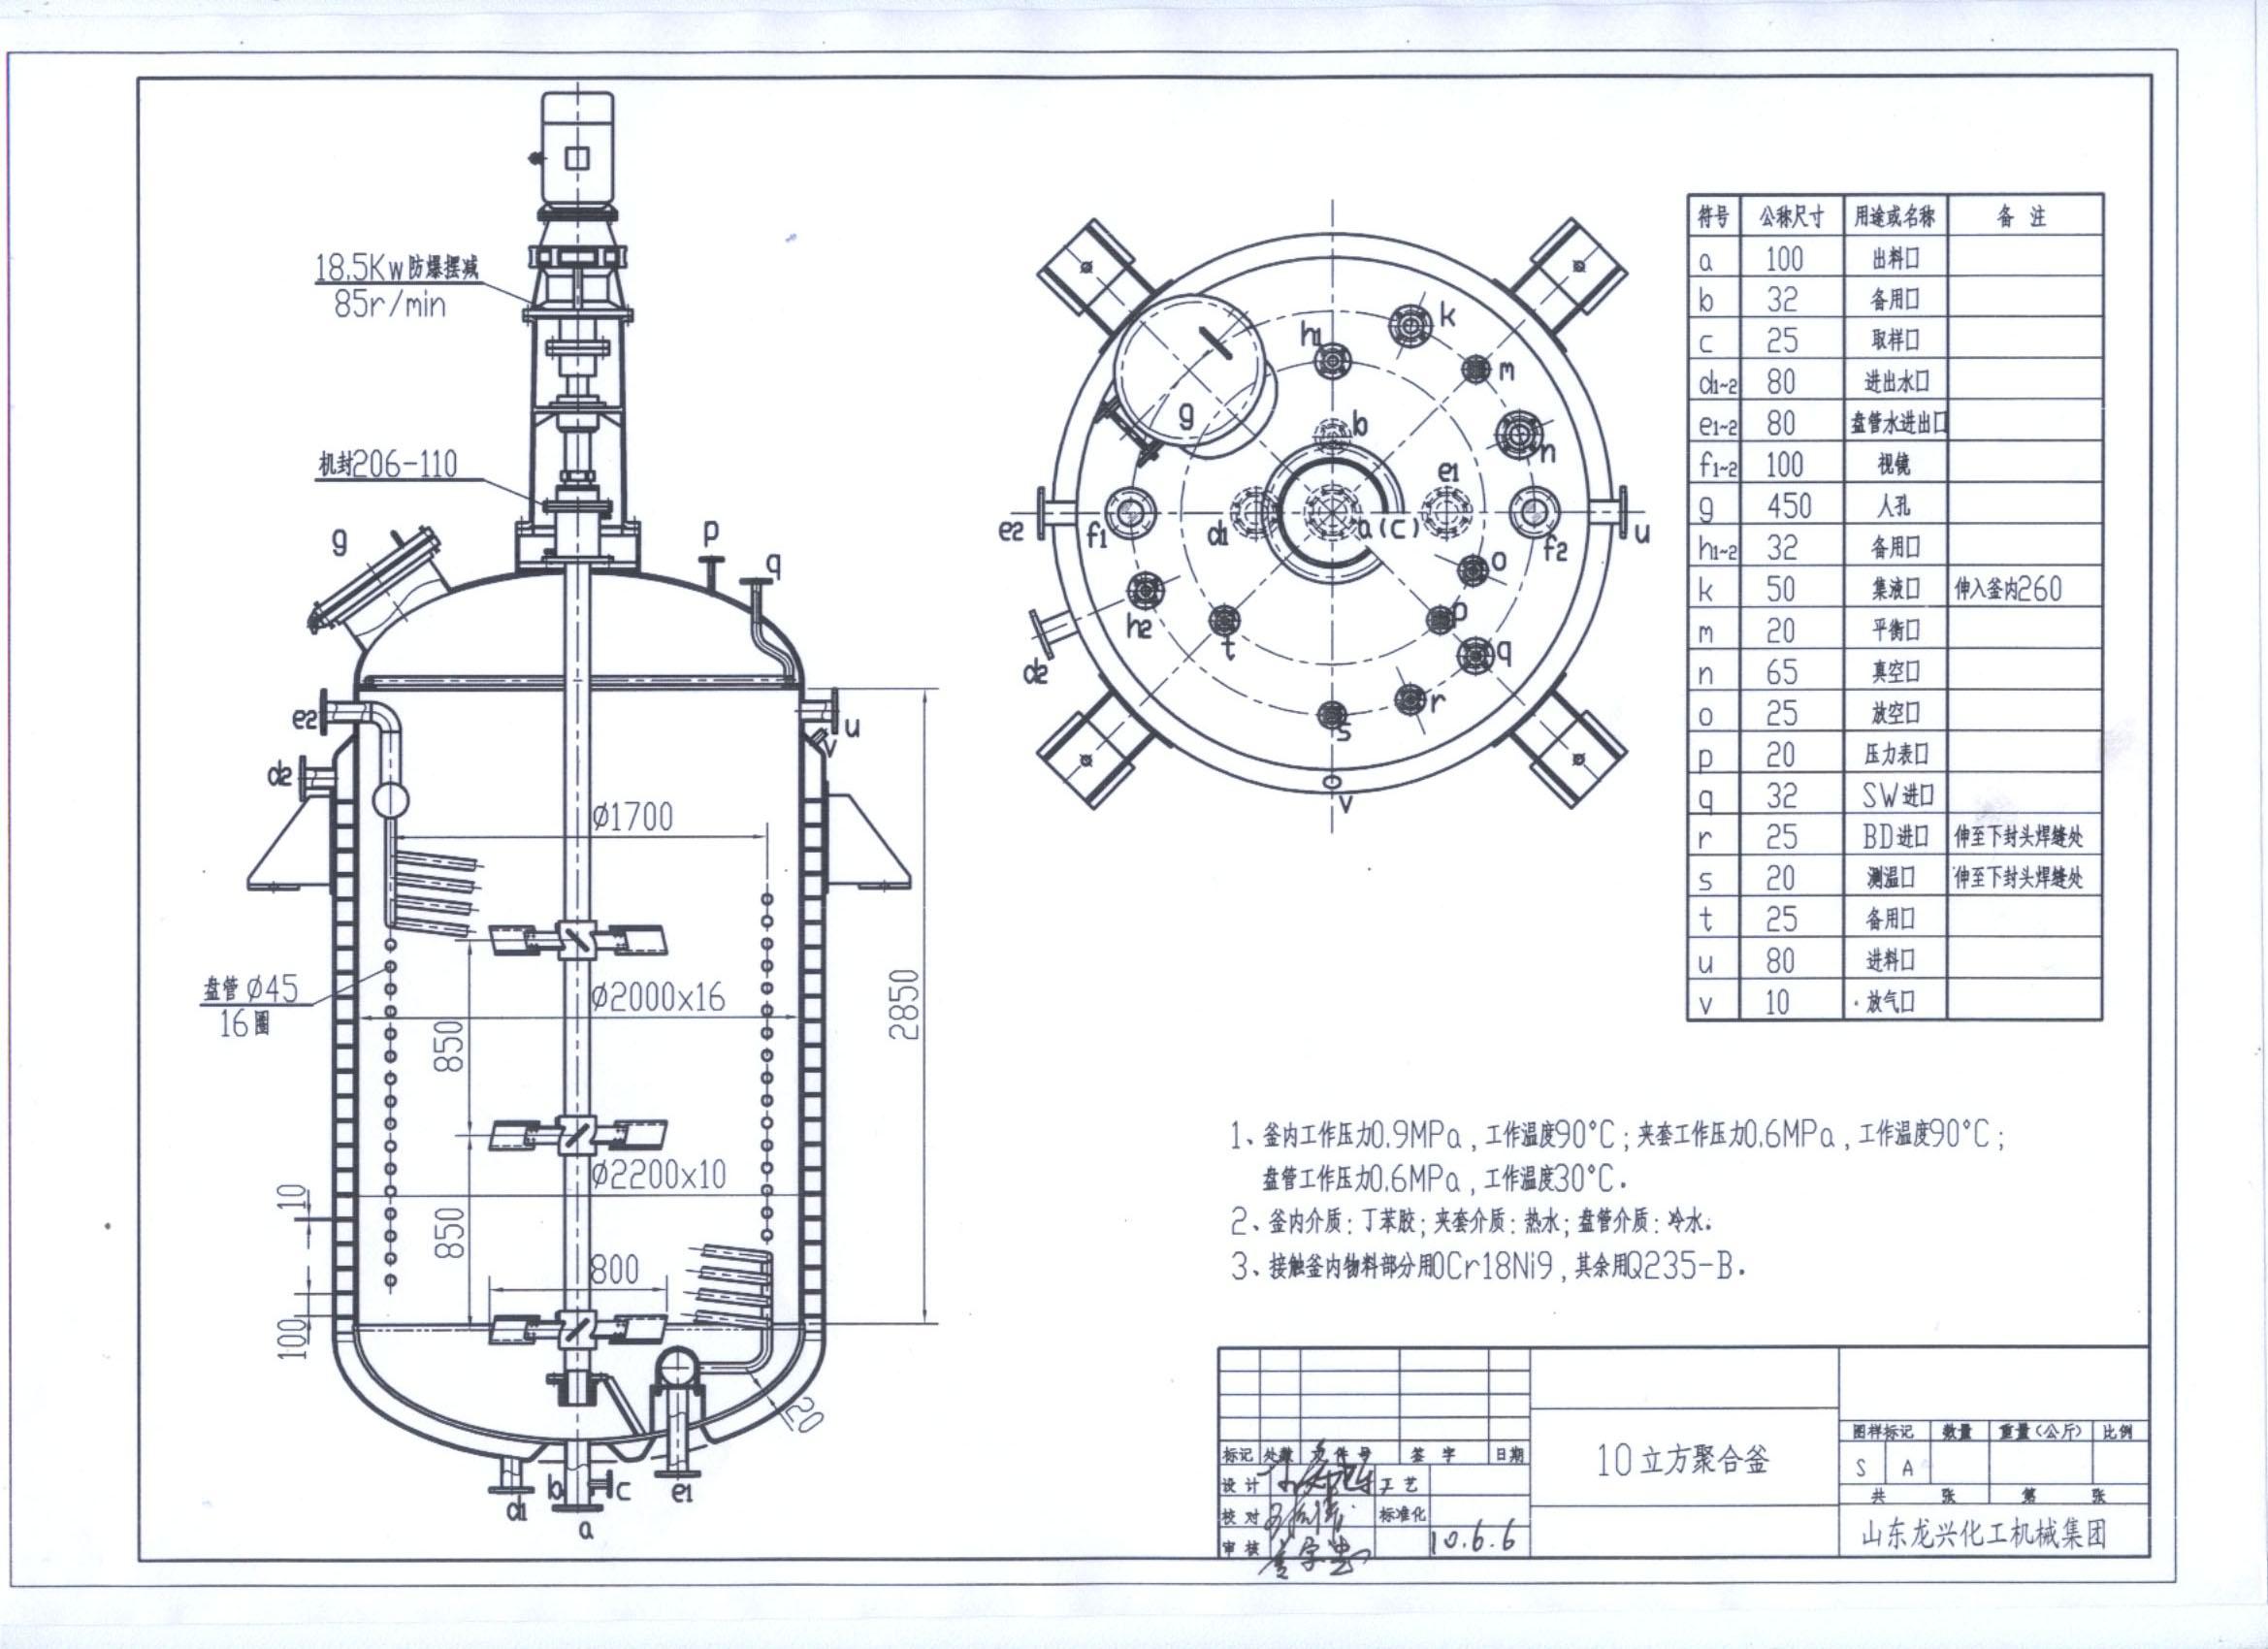 搅拌器,传动装置; 夹套反应釜结构图_反应釜结构图,搪瓷反应釜结构图